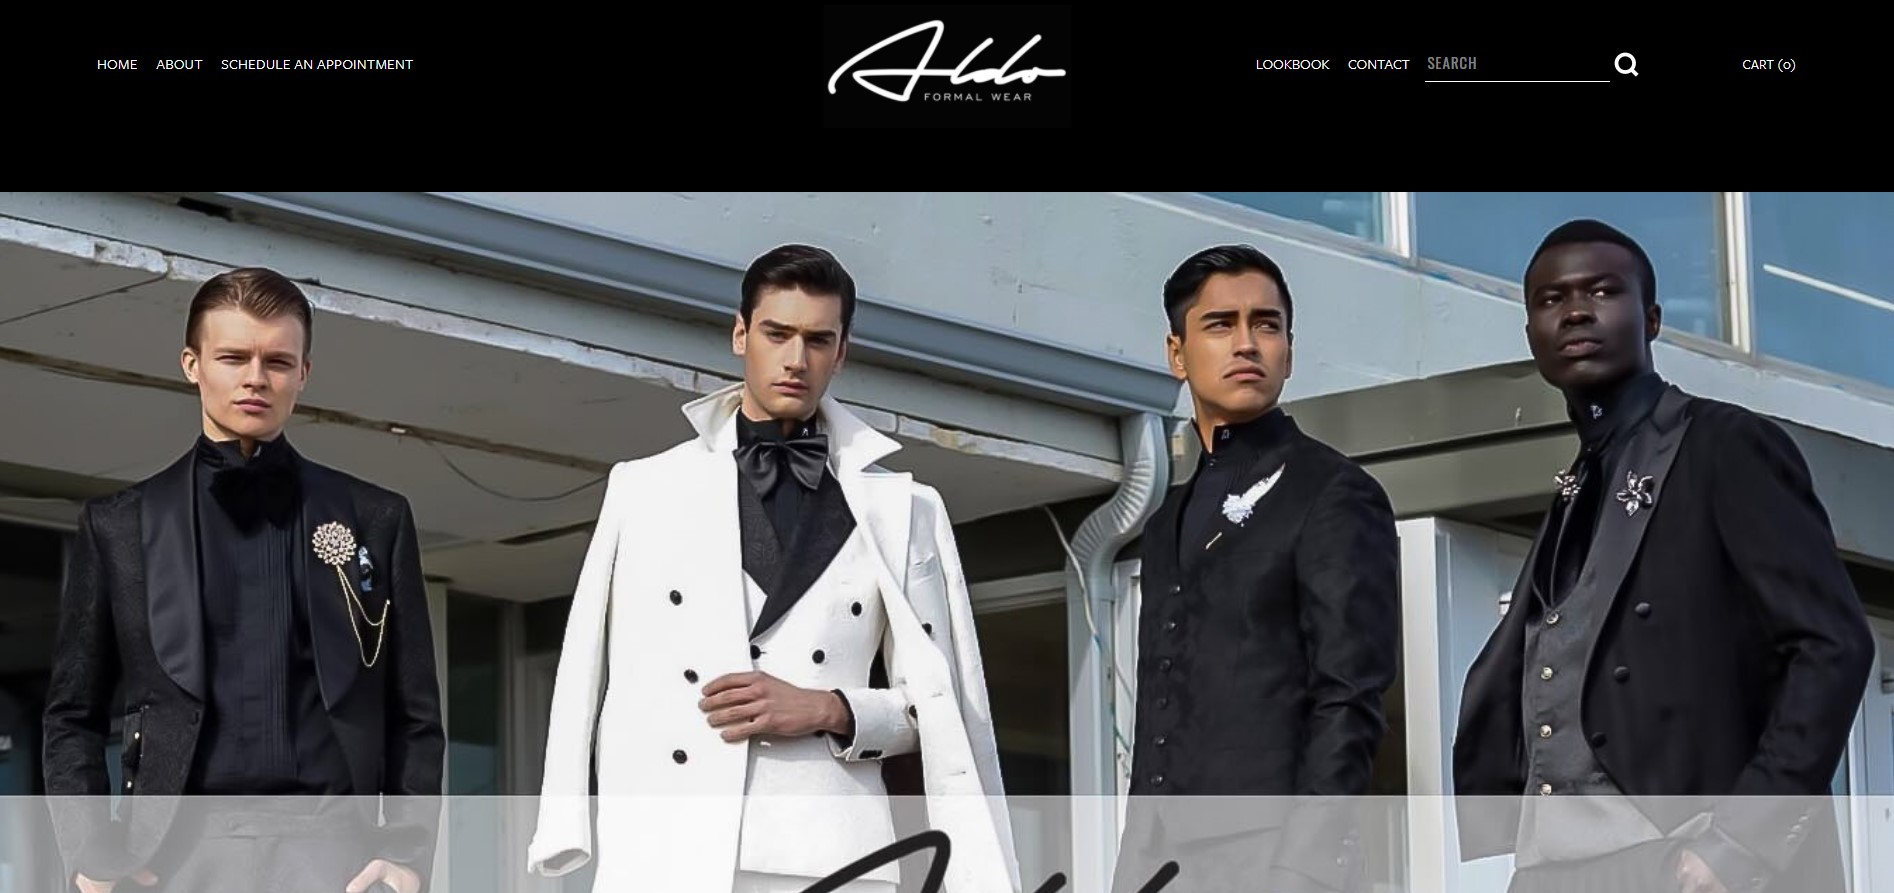 aldo formal wear store in winnipeg